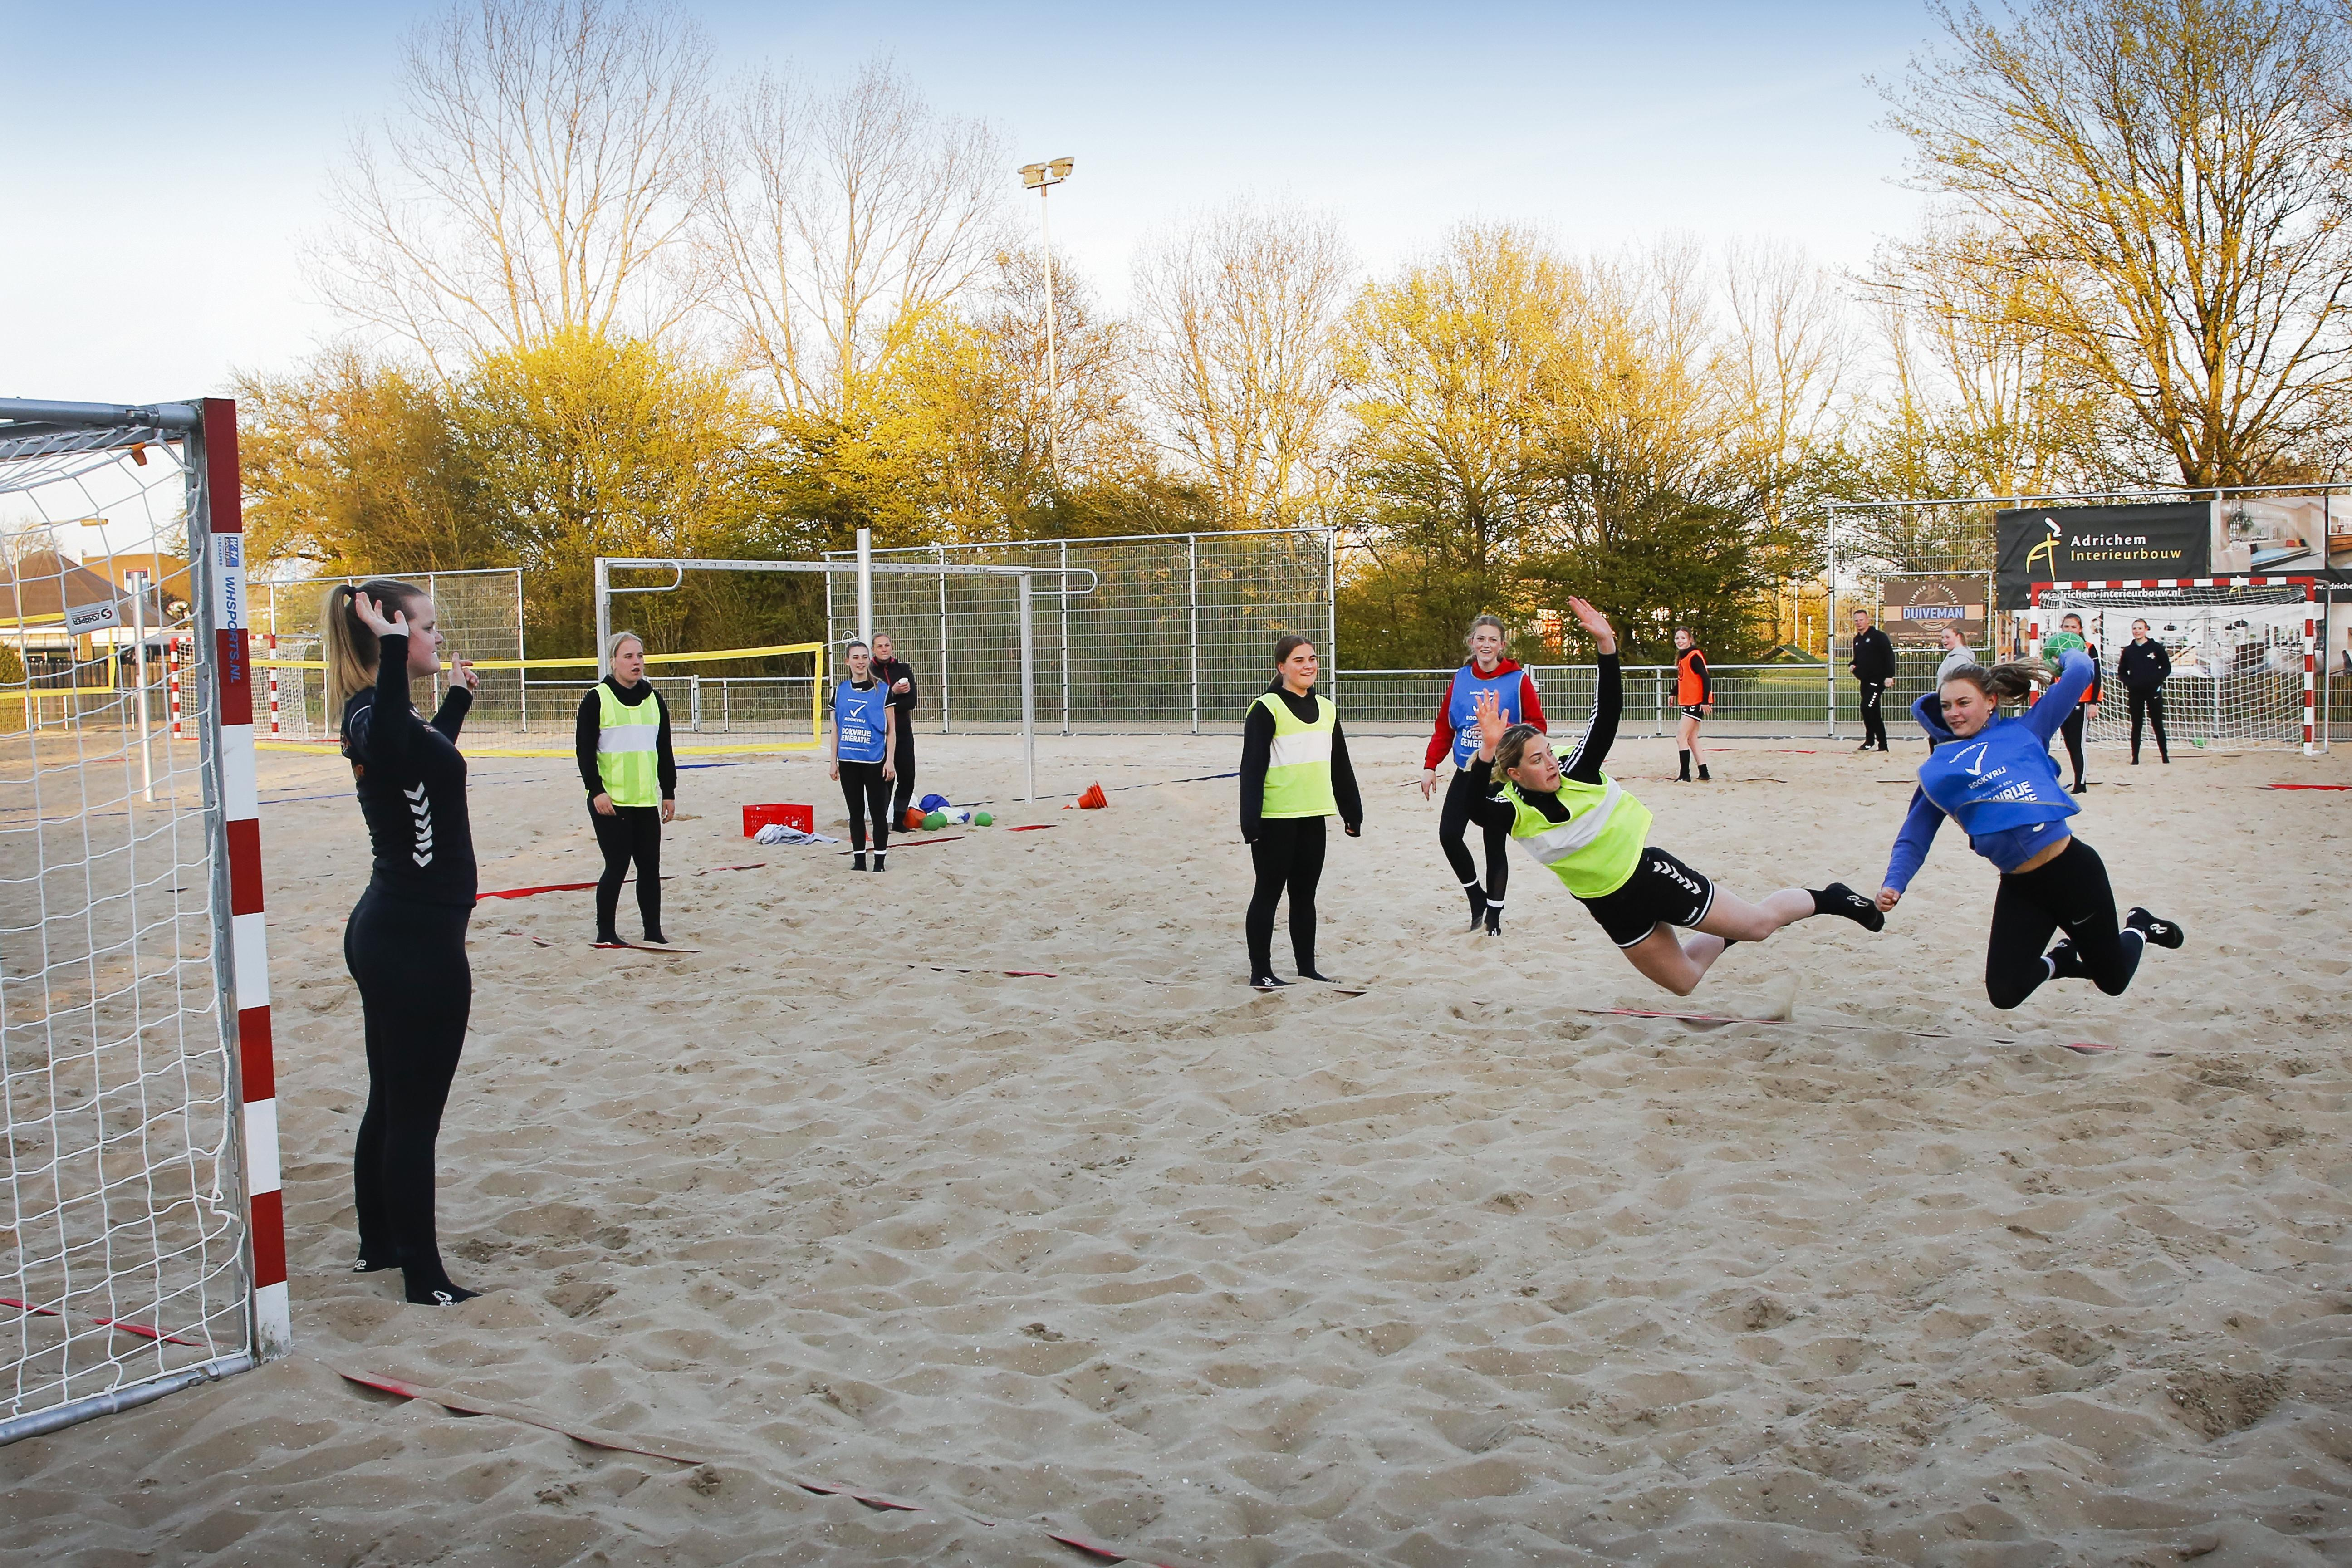 De ballen worden met een pirouette in het doel gegooid; dat levert extra punten op bij beachhandbal. DSS is blij met het nieuwe multifunctionele 'strandcomplex'